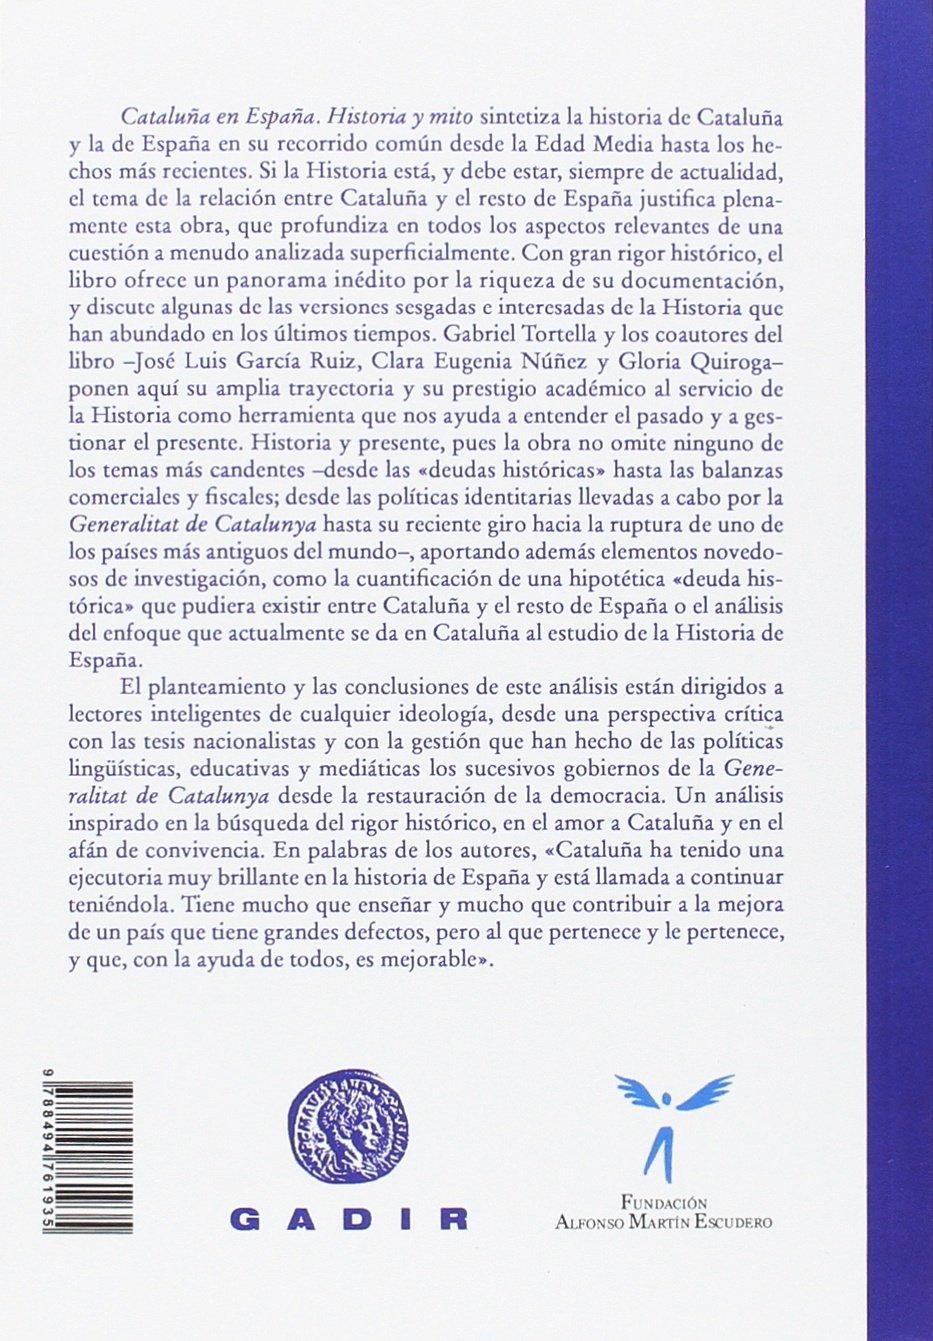 Cataluña en España: Historia y mito Gadir Ensayo y Biografía: Amazon.es: Tortella, Gabriel, García Ruiz, José Luis, Núñez, Clara Eugenia, Quiroga, Gloria: Libros